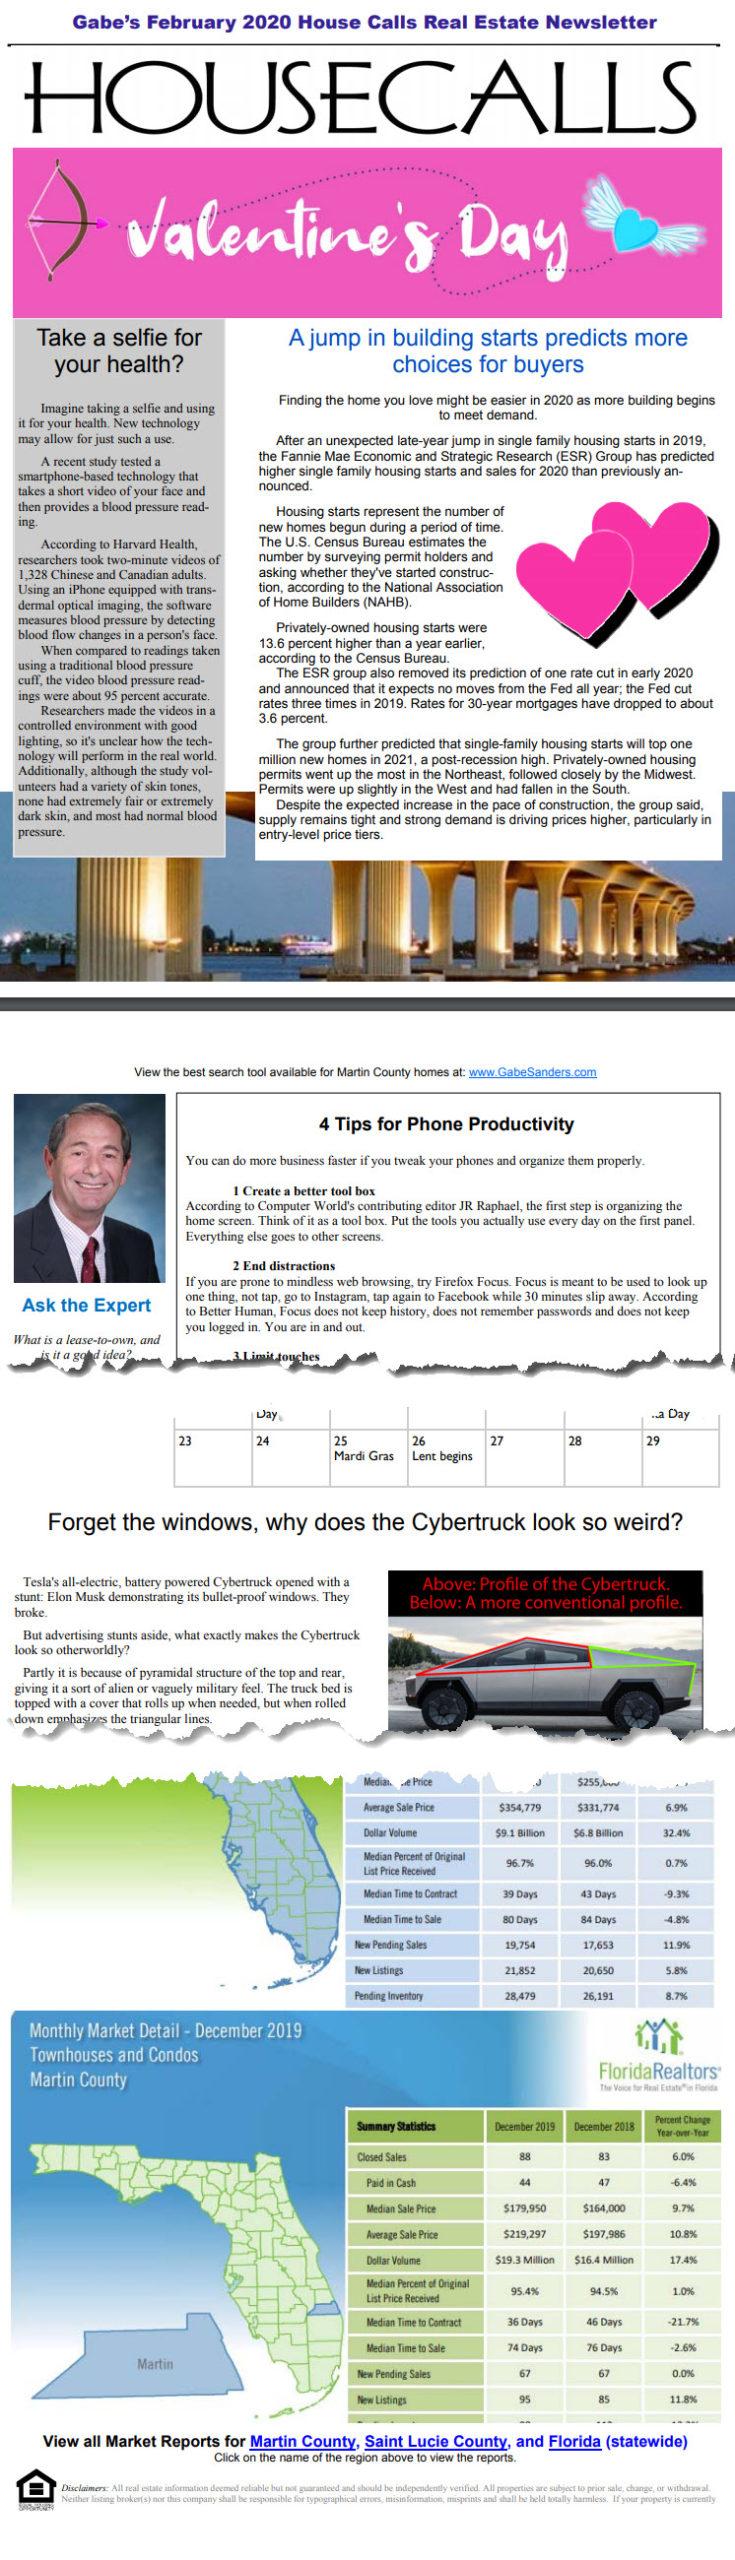 Gabe's February 2020 House Calls Real Estate Newsletter